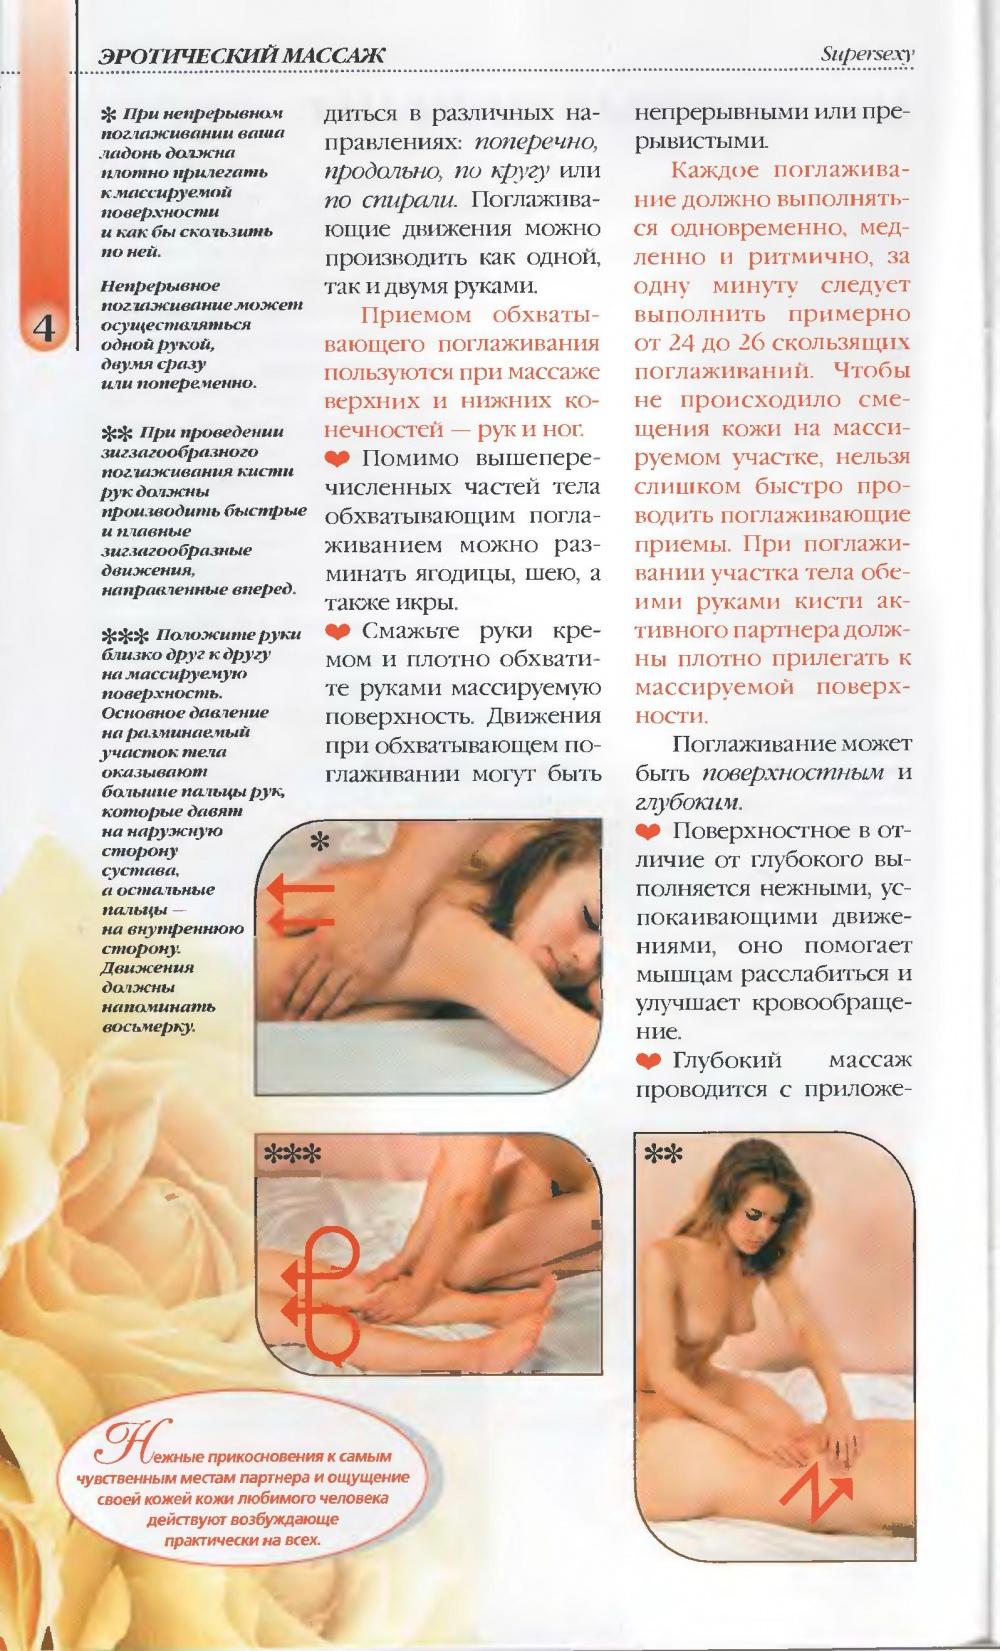 tehnika-eroticheskogo-massazha-dlya-zhenshin